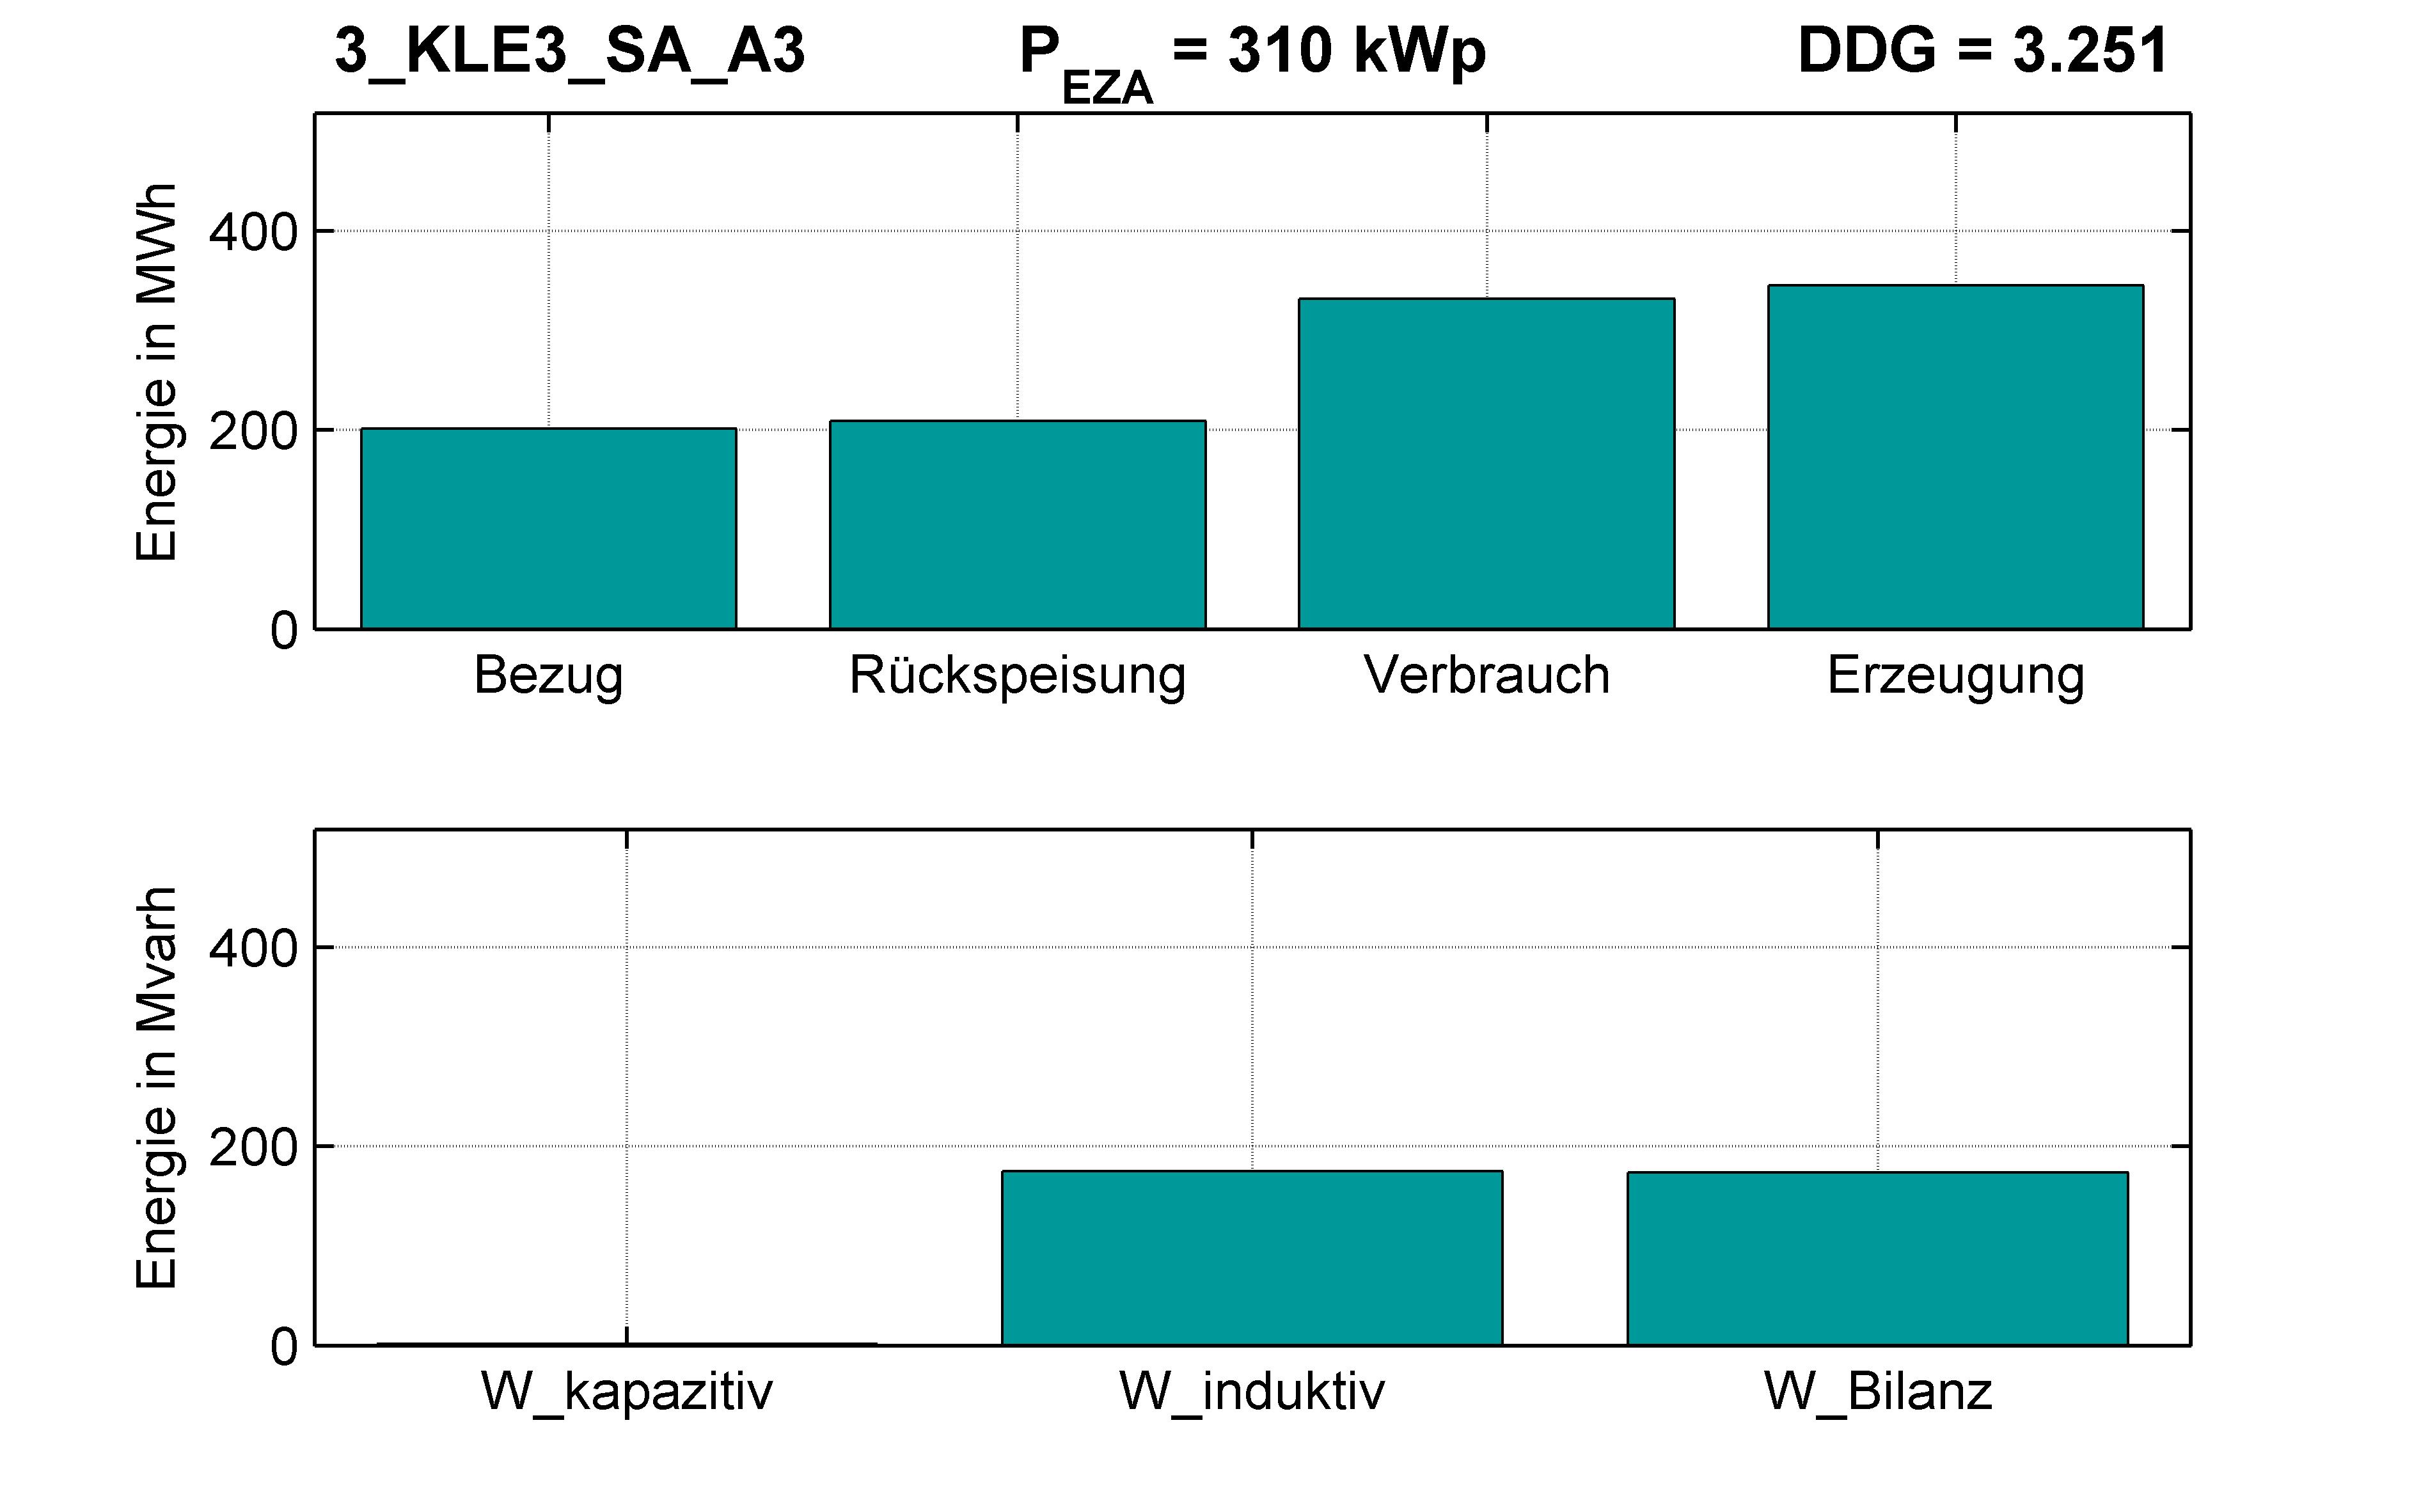 KLE3 | P-Kappung 70% (SA) A3 | PQ-Bilanz